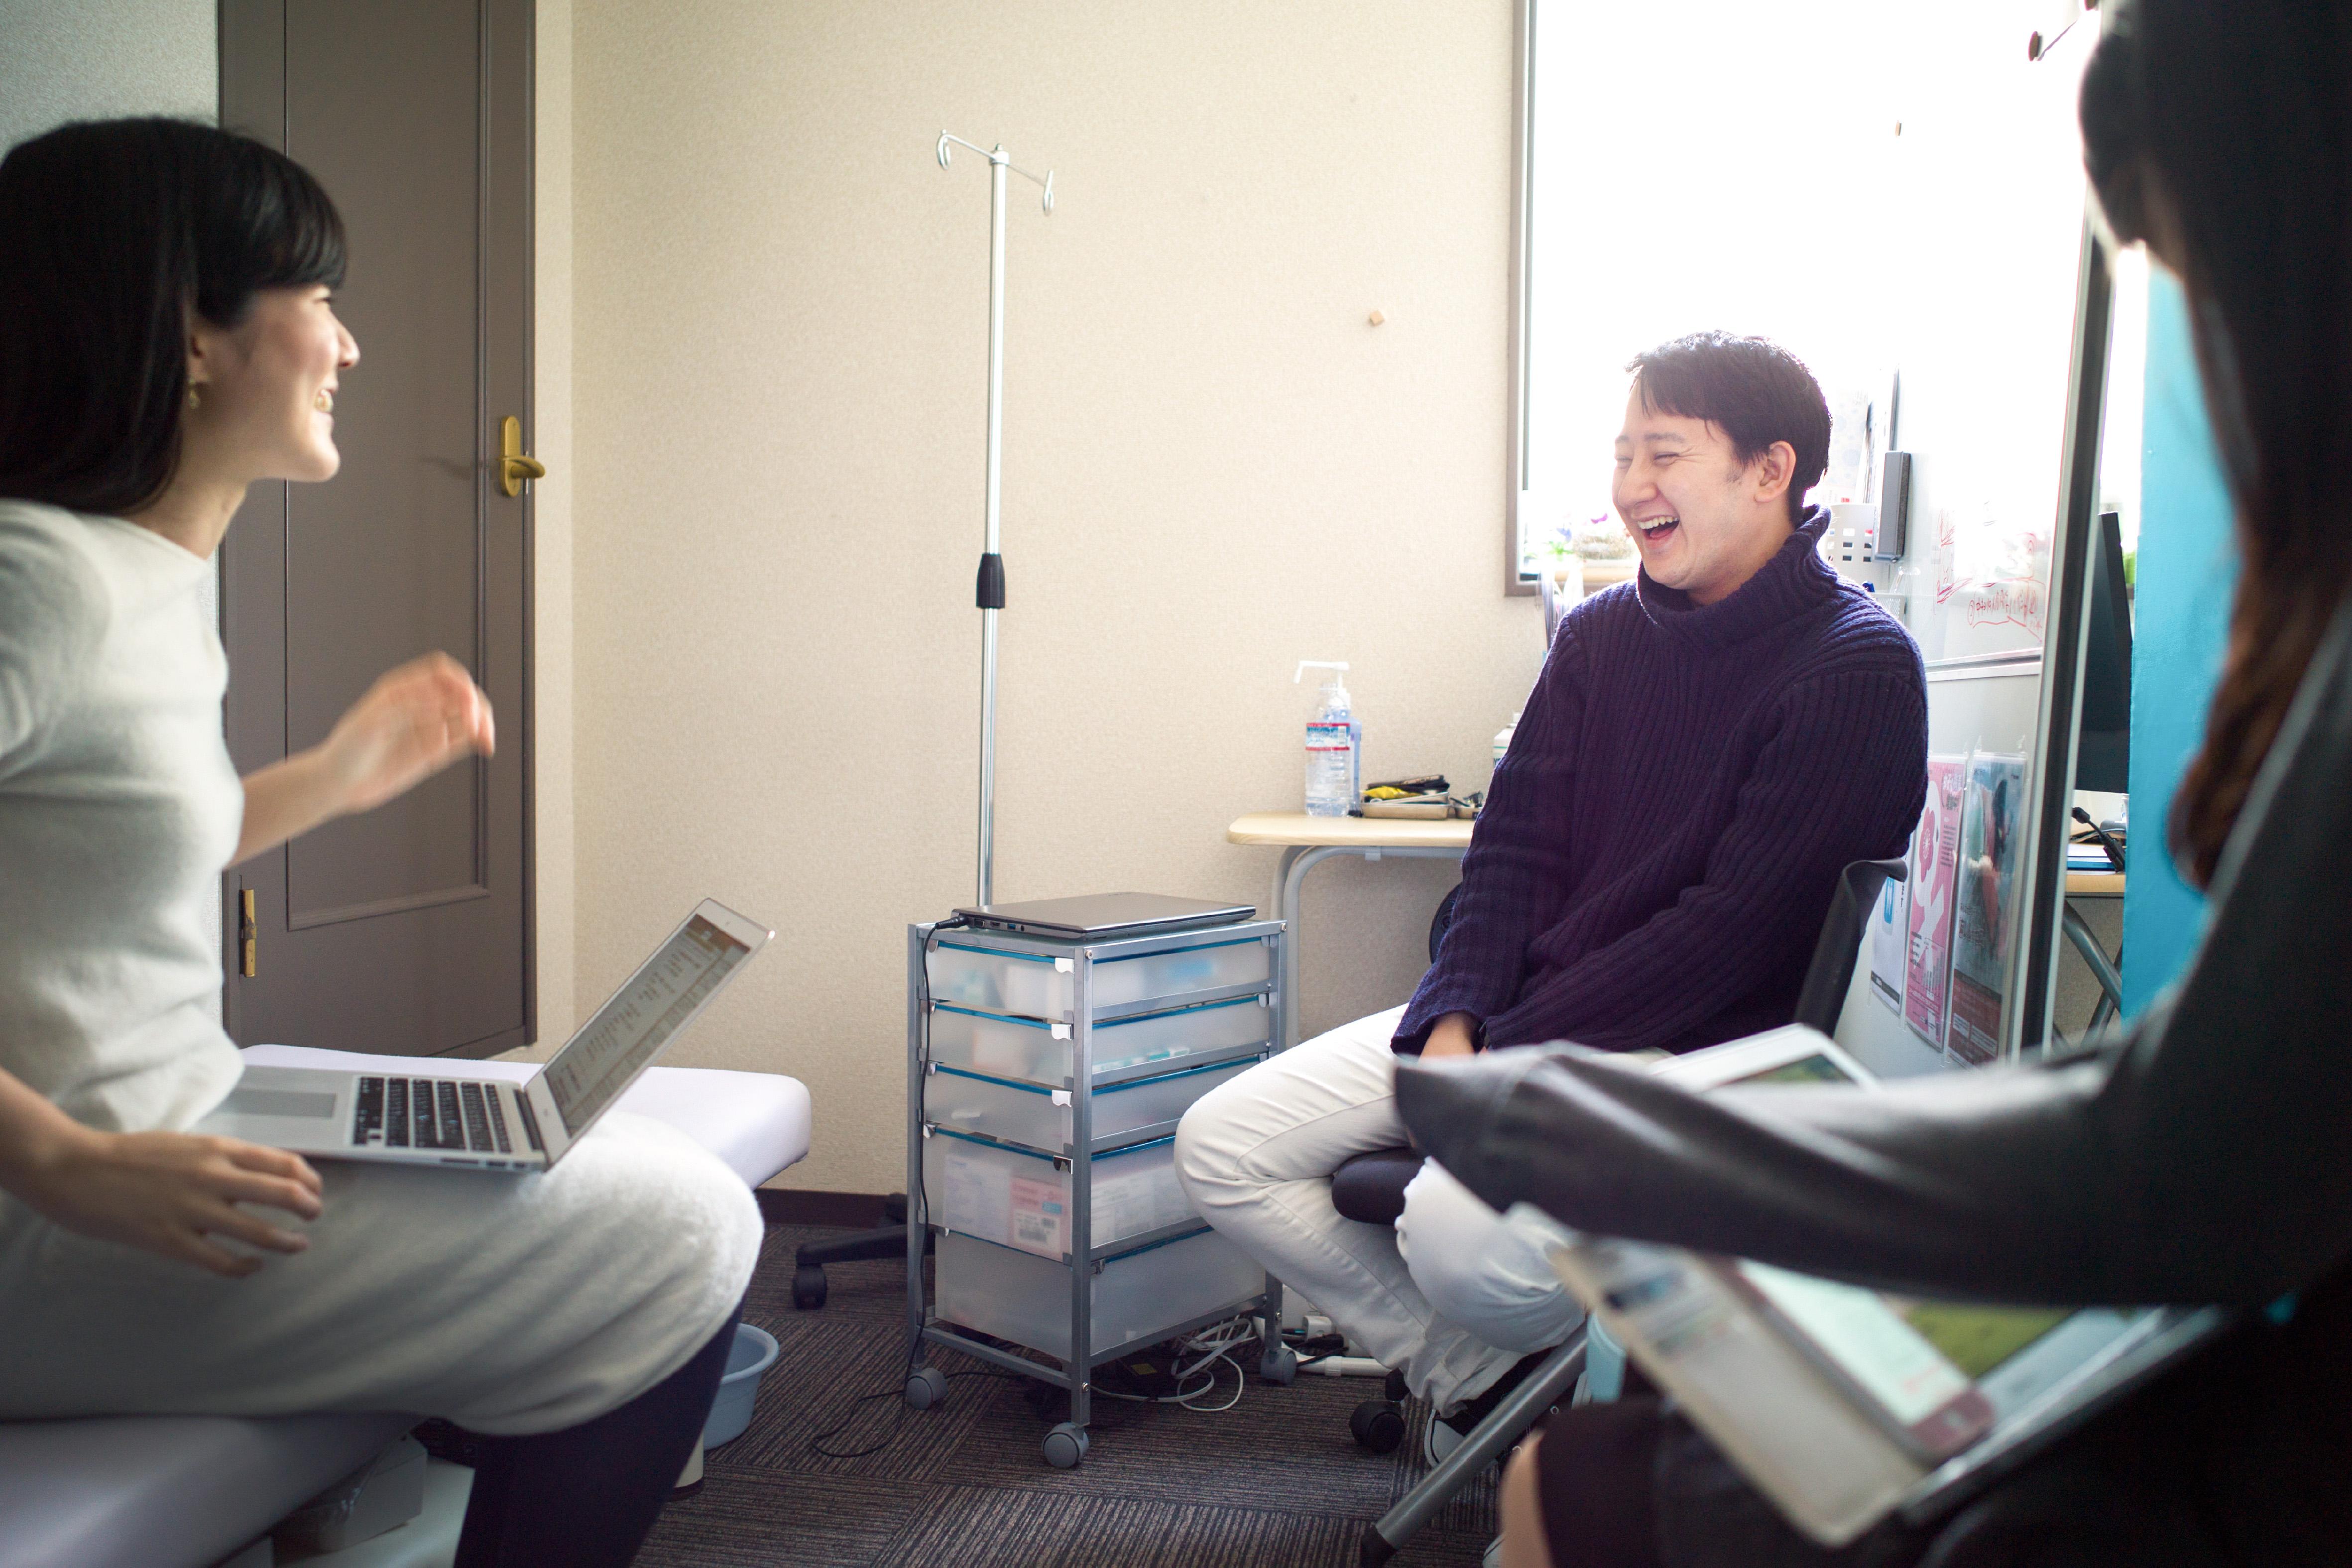 【写真】笑顔でインタビューに答えるすずきゆうすけ先生とライターのむかいはるかさん